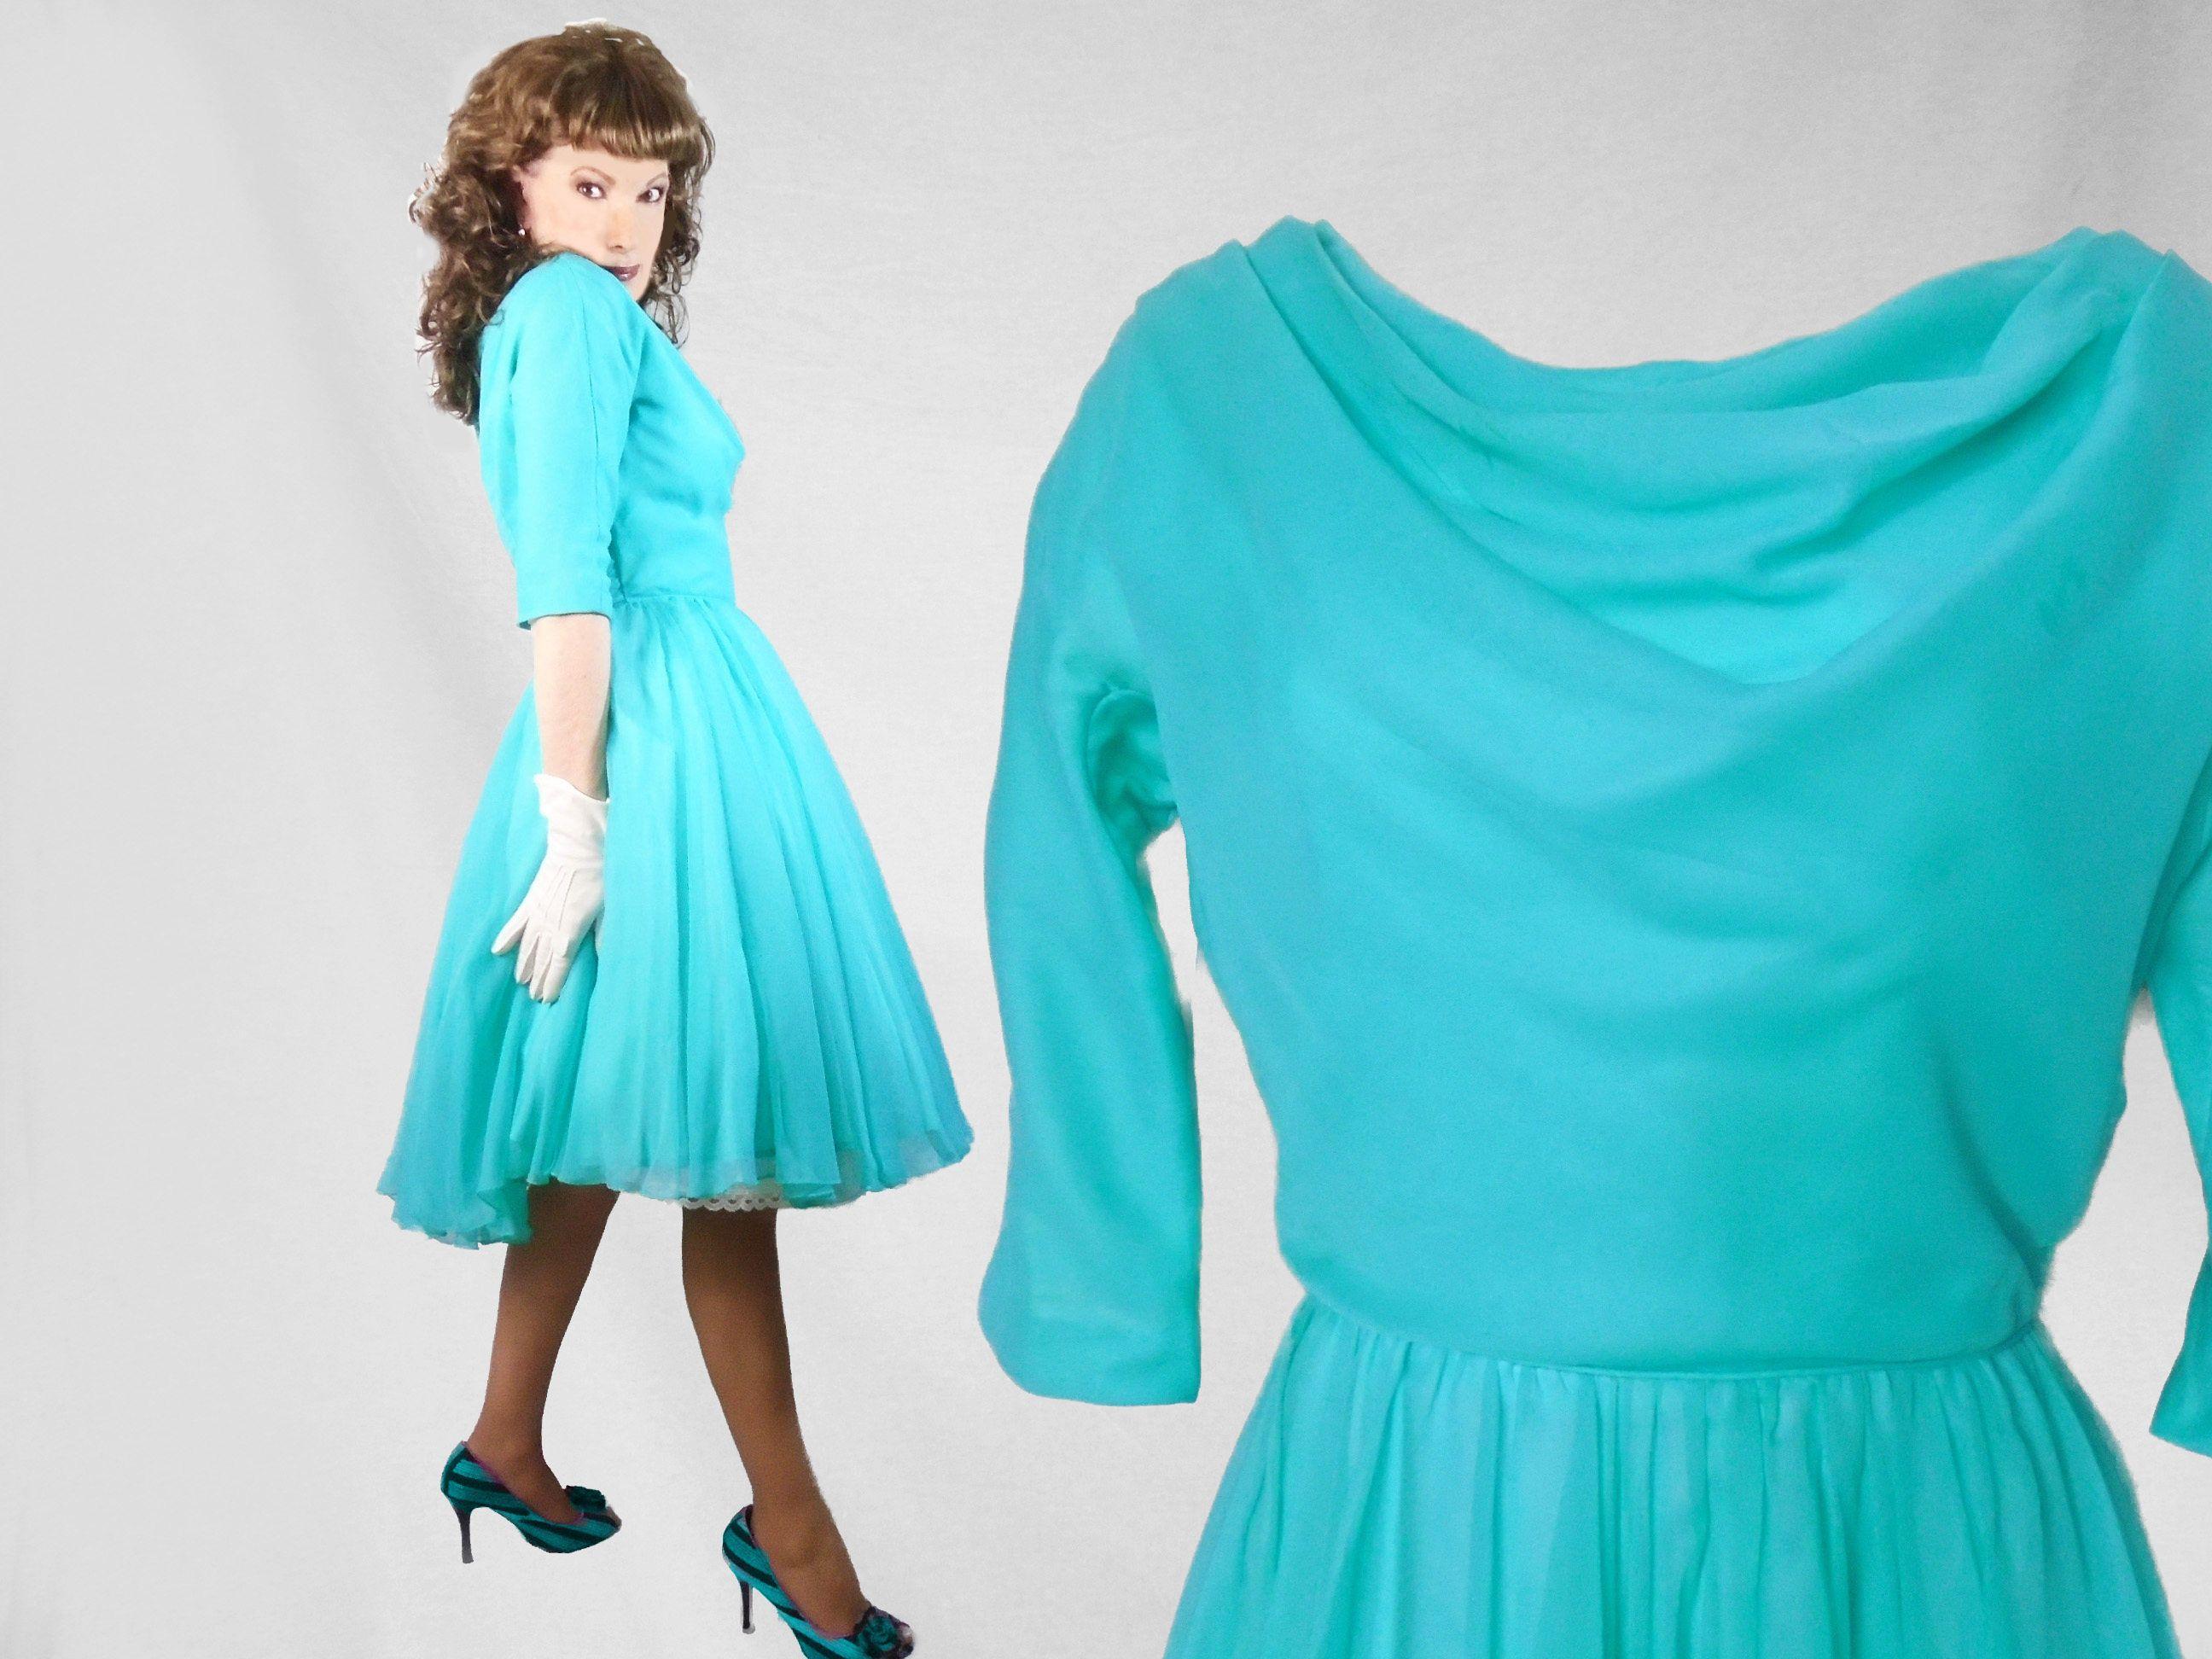 Vintage Chiffon Party Dress, Womens 50s Cupcake Dress, 1950s Chiffon ...